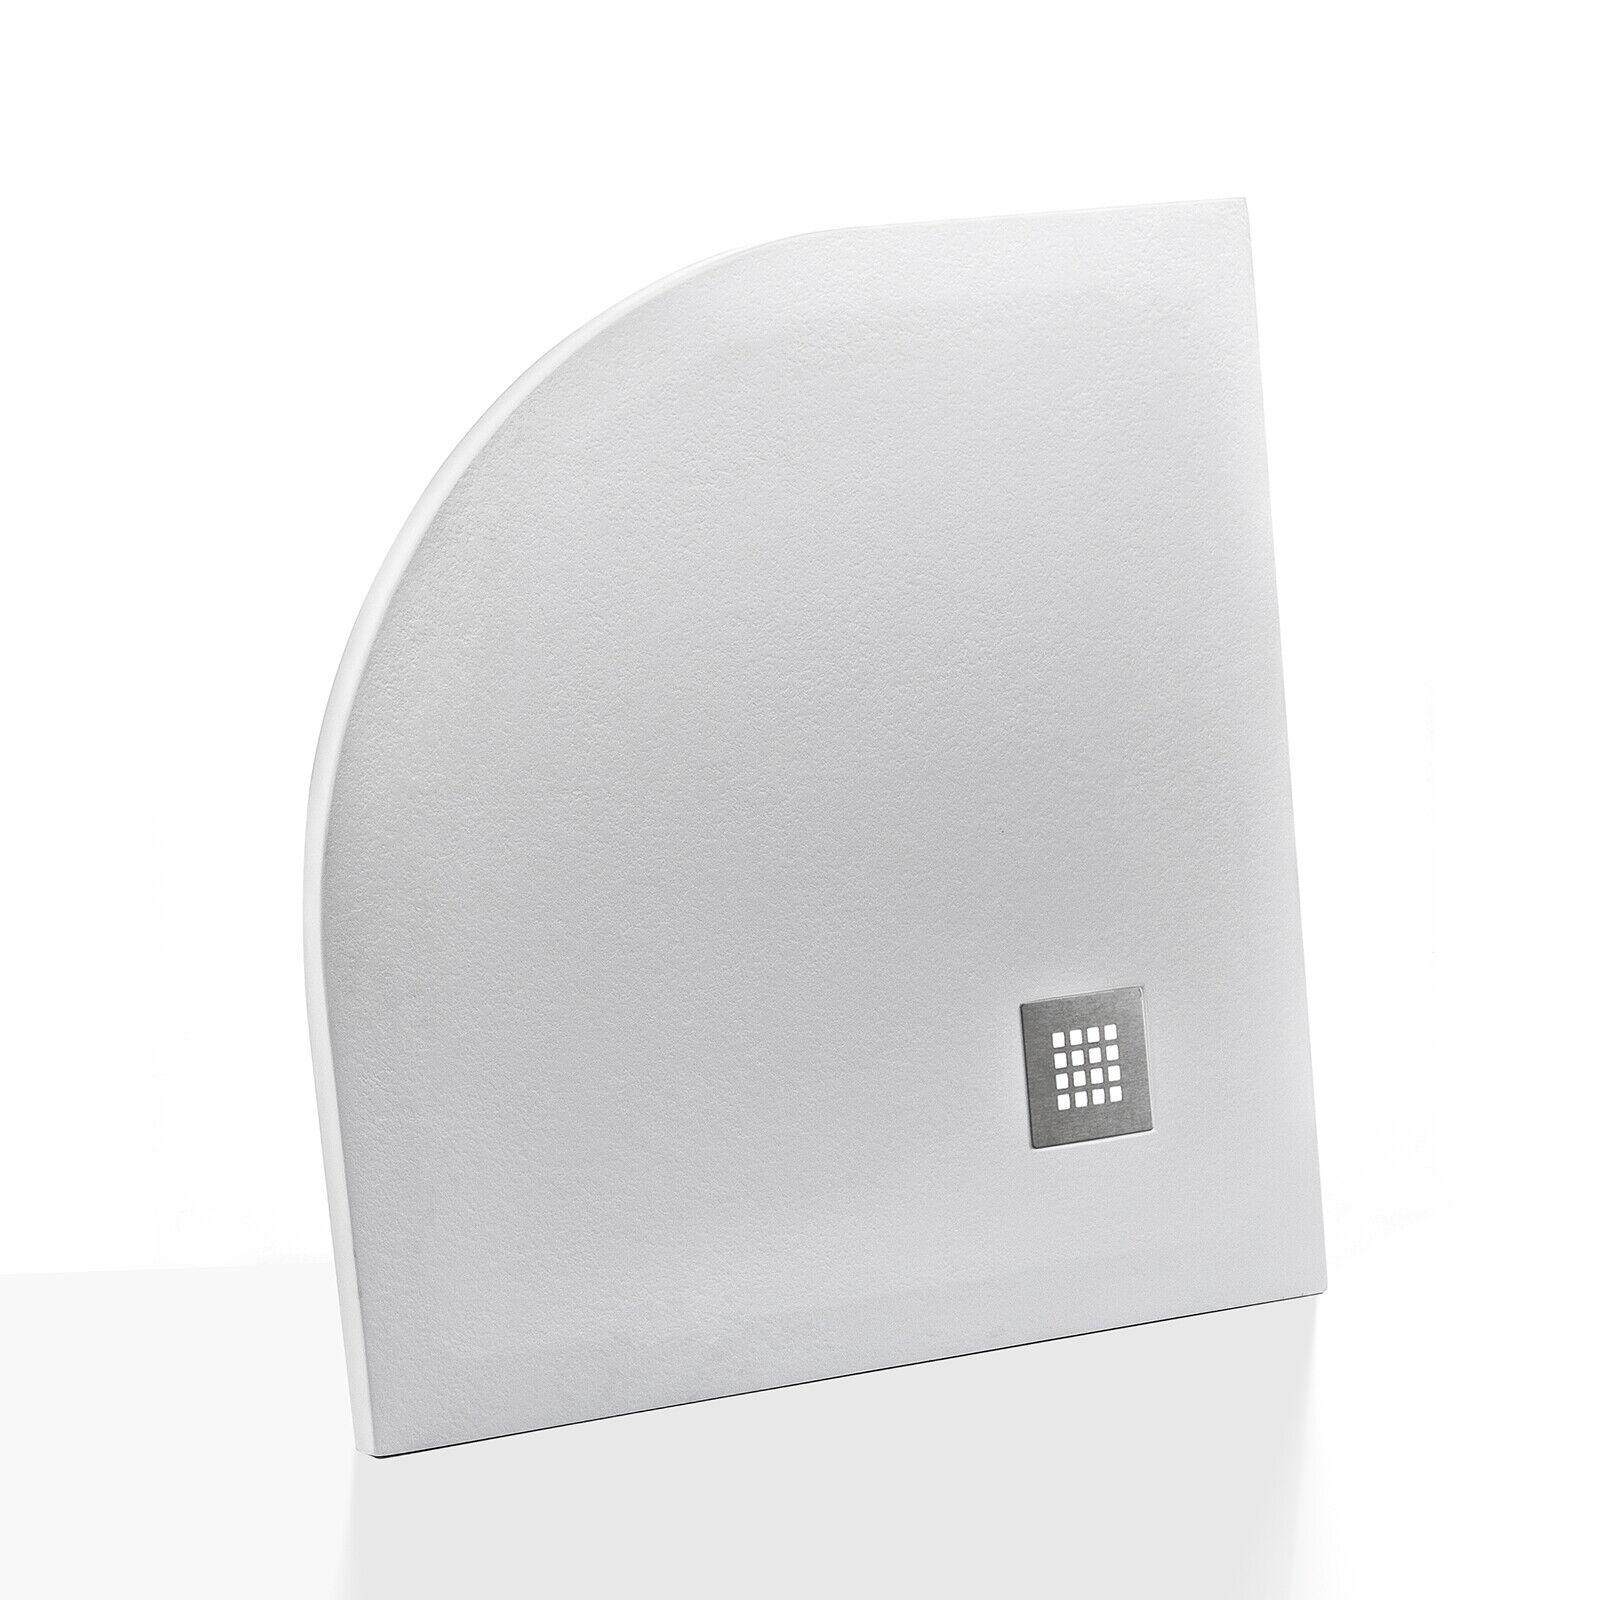 Piatto doccia riducibile 80x80 cm semicircolare in resina effetto pietra bianco